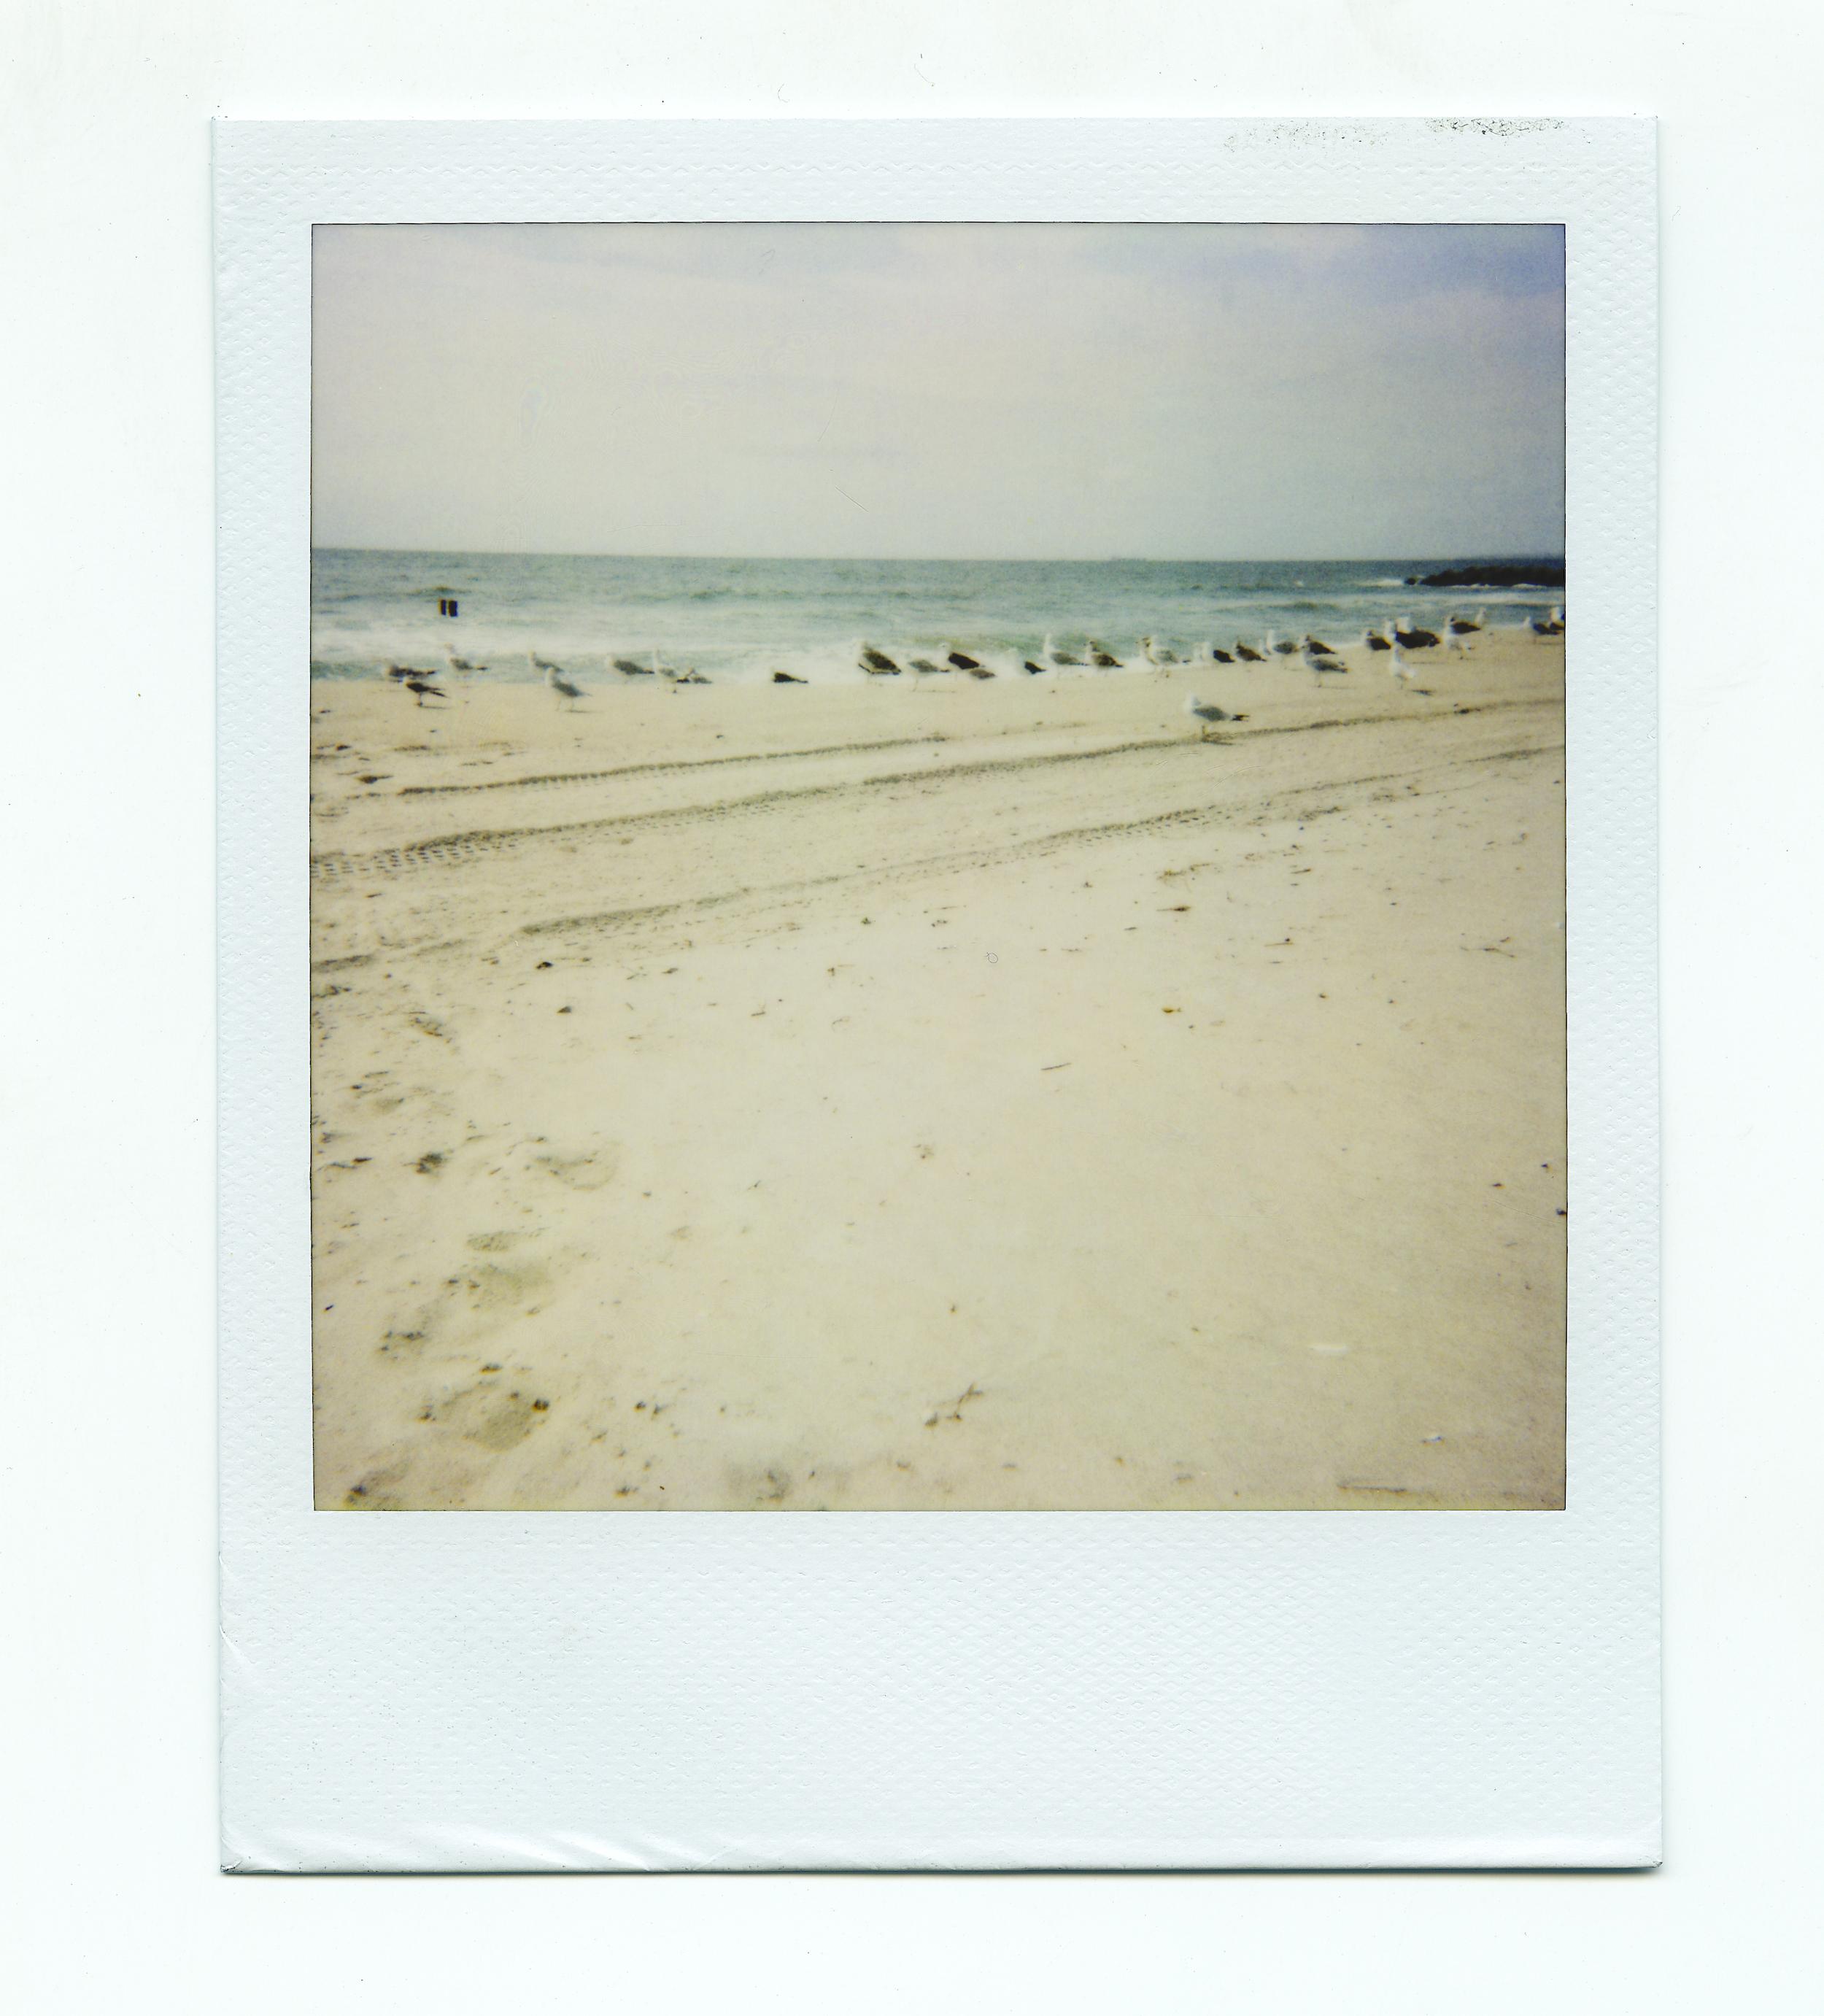 nj_beach_6.jpg